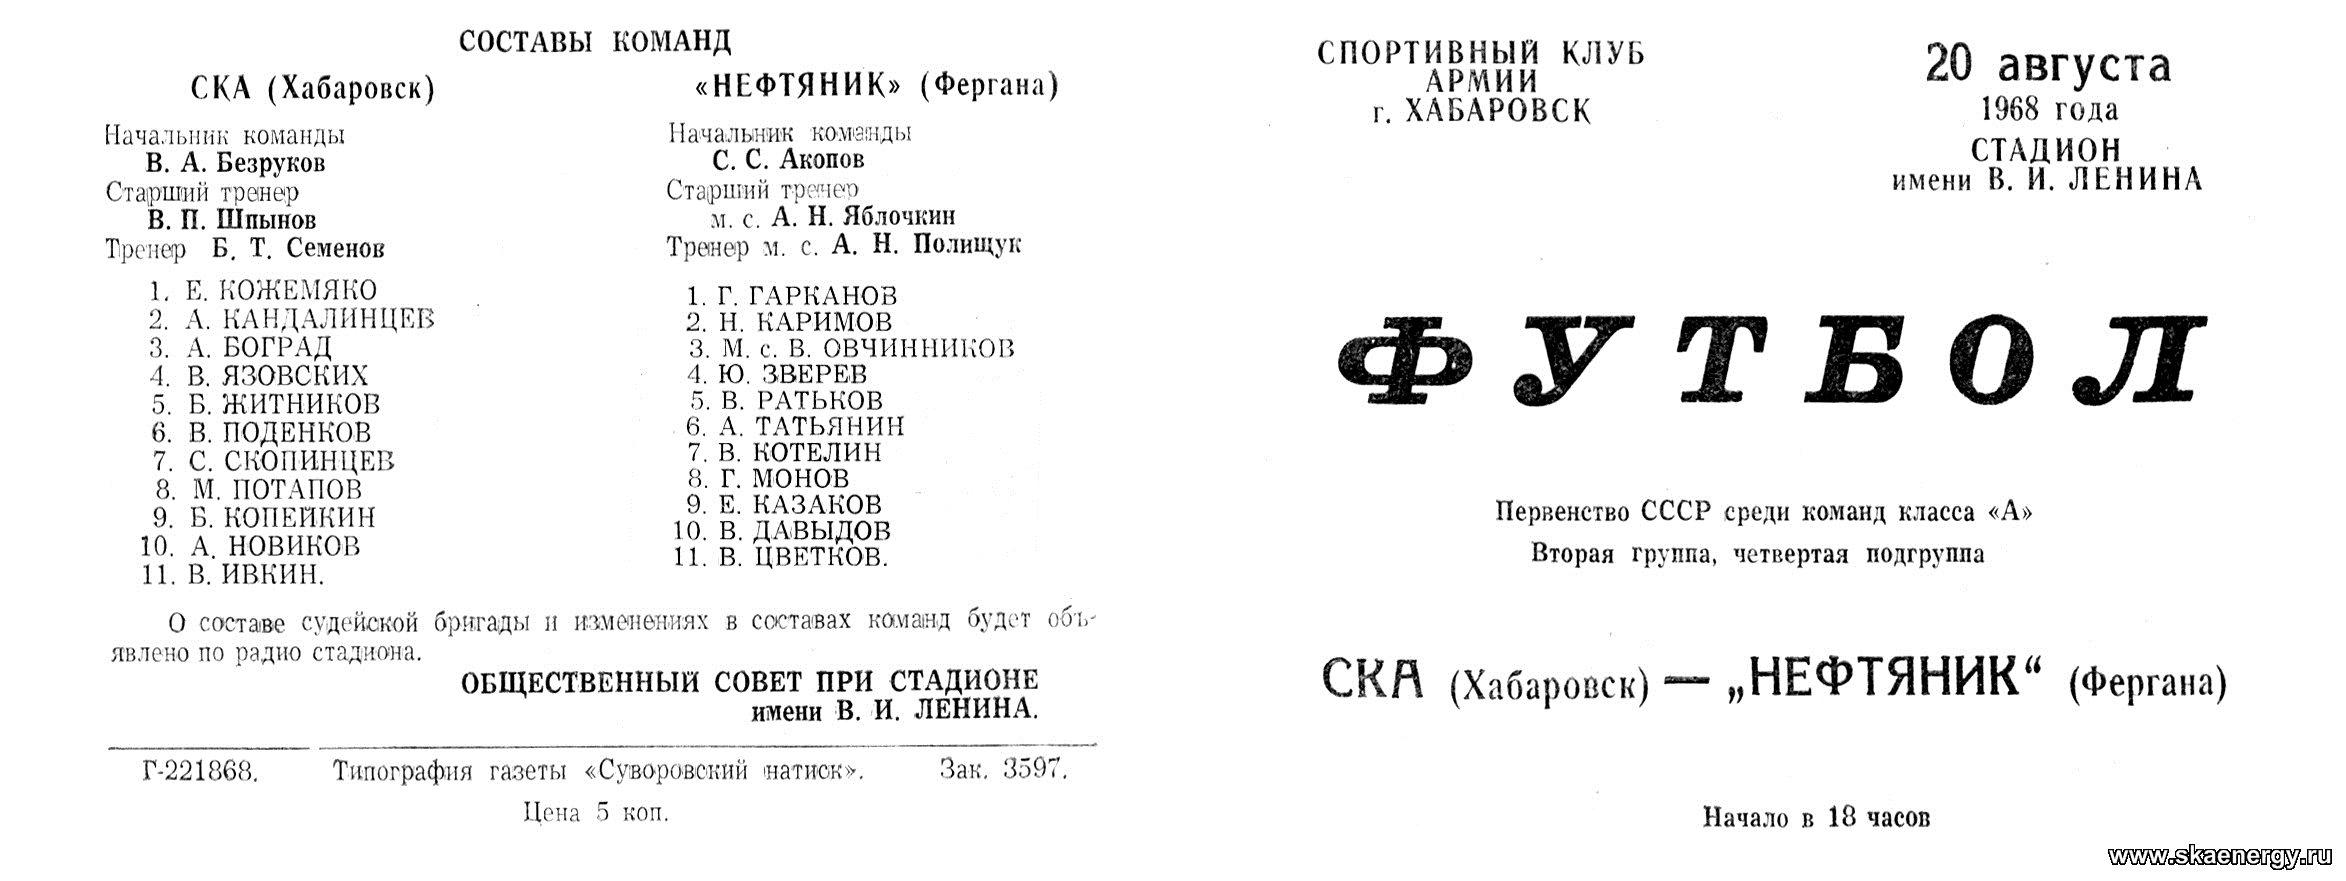 СКА (Хабаровск) - Нефтяник (Фергана) 3:0. Нажмите, чтобы посмотреть истинный размер рисунка